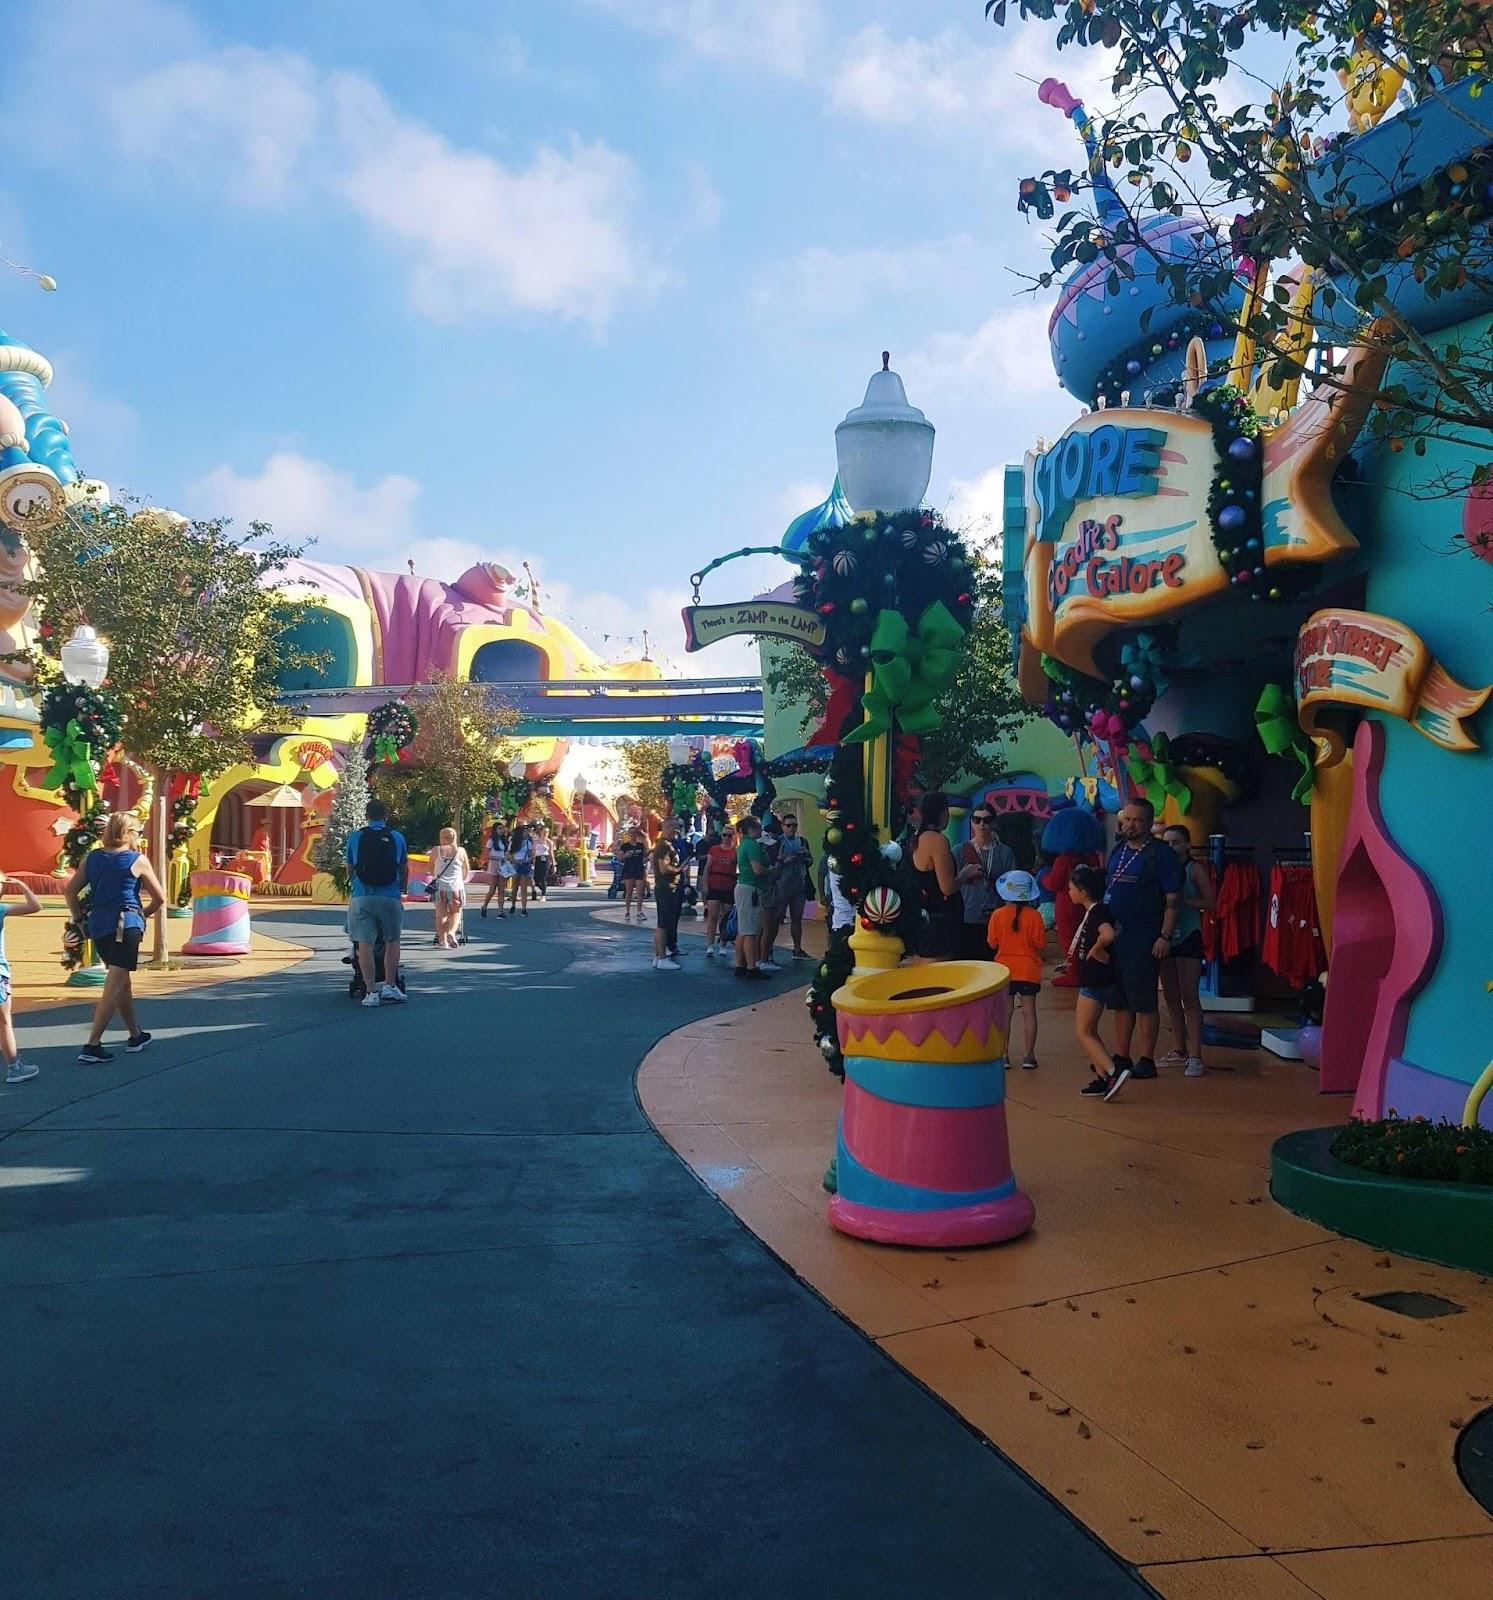 טיול משפחות עם ילדים קטנים בארצות הברית אורלנדו פלורידה מה כדאי לעשות לאן כדאי ללכת